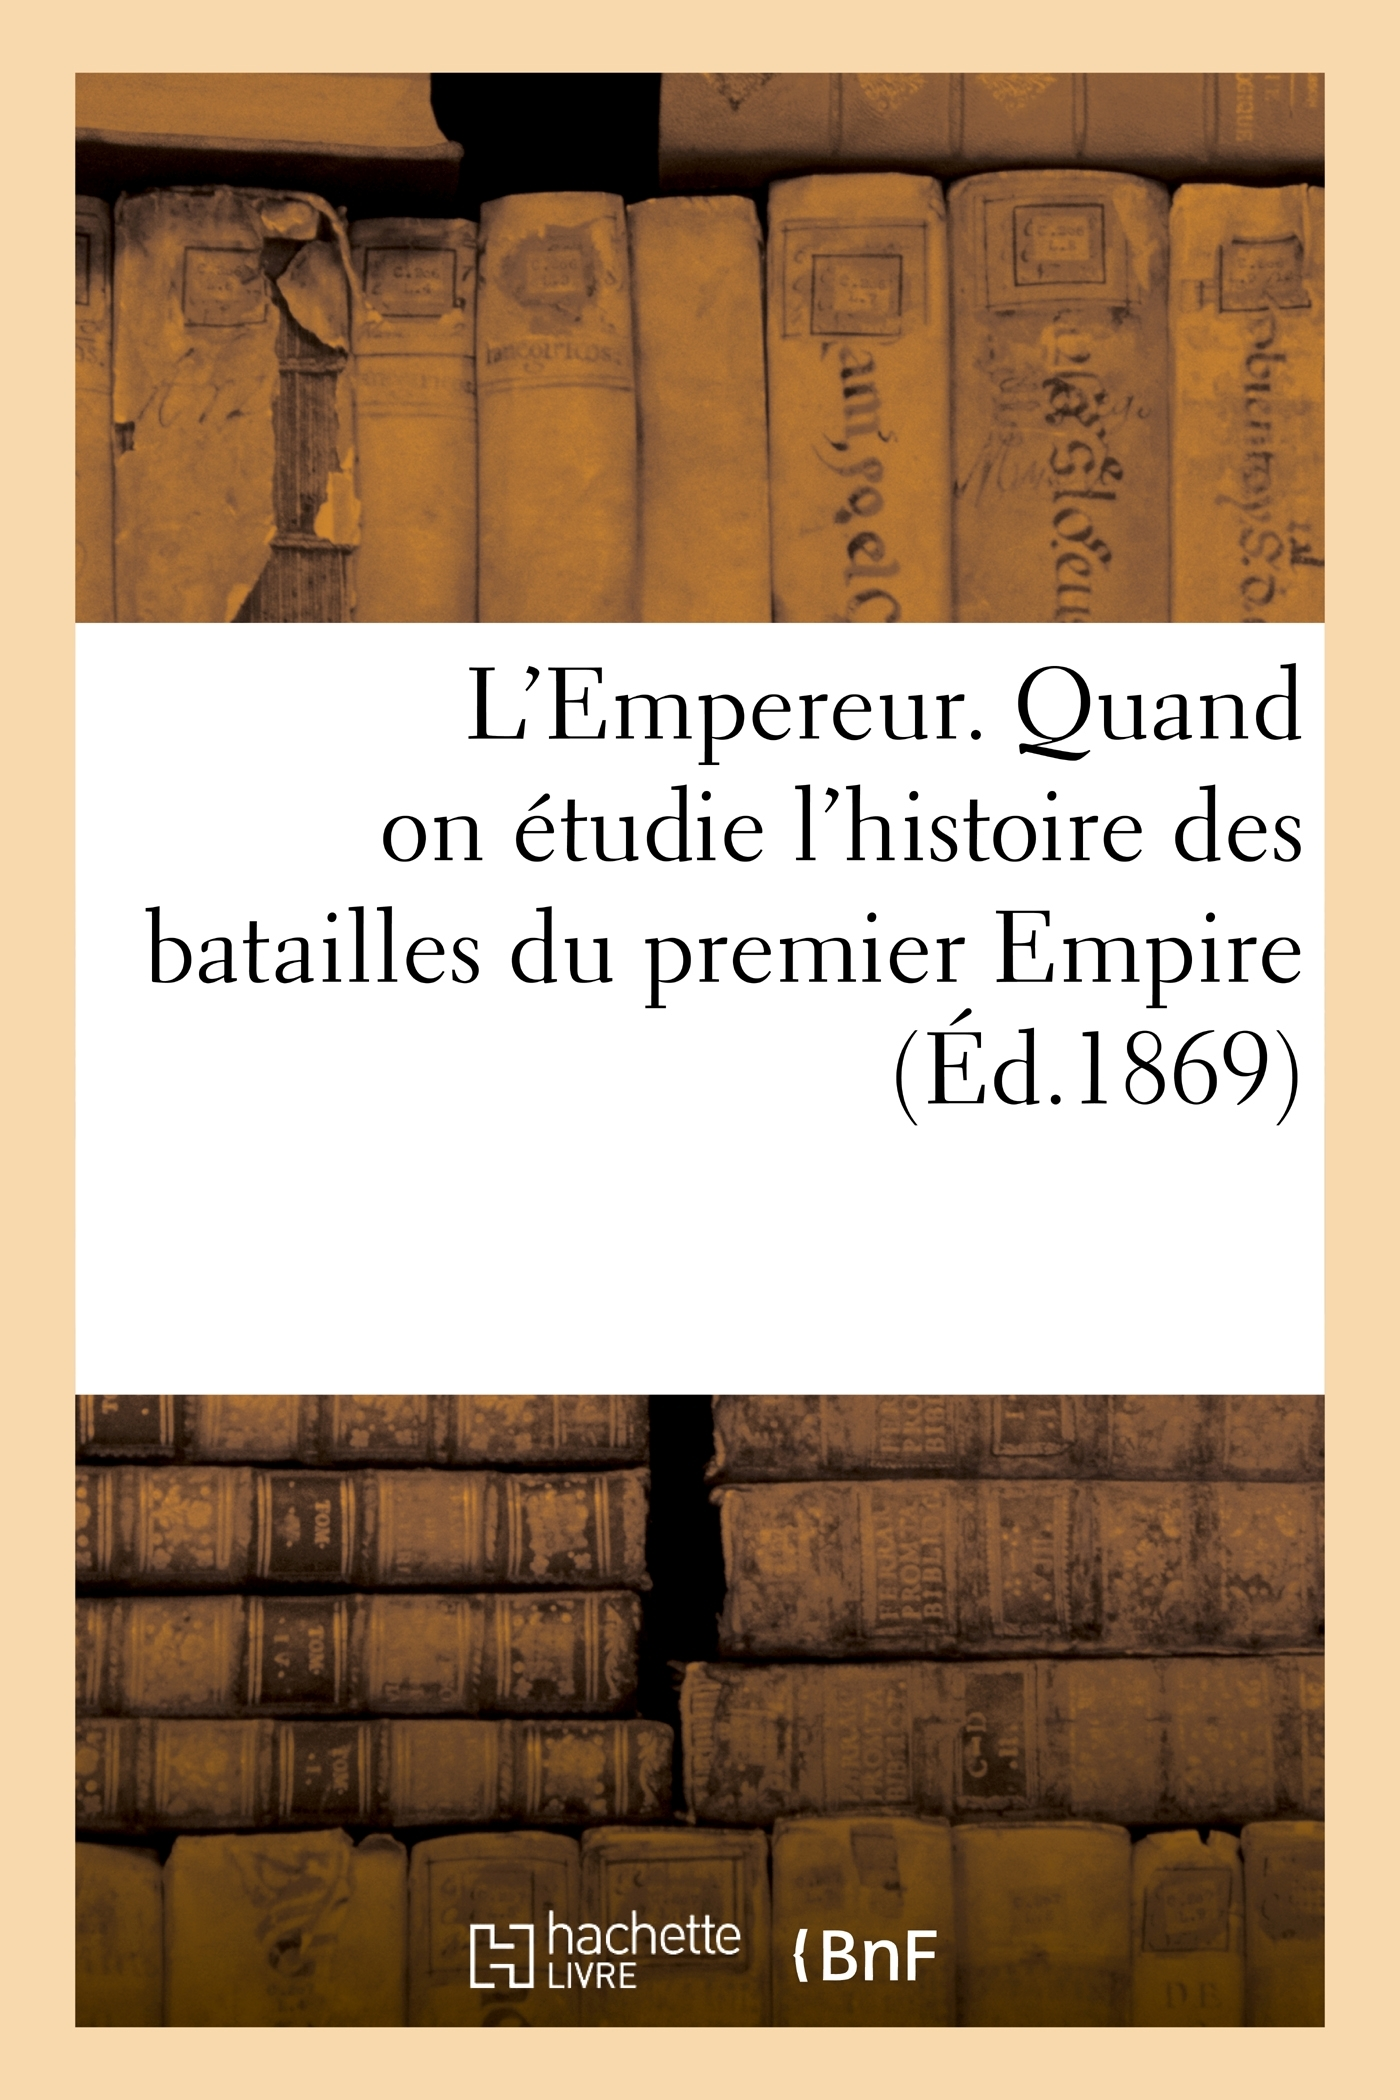 L'EMPEREUR. QUAND ON ETUDIE L'HISTOIRE DES BATAILLES DU PREMIER EMPIRE